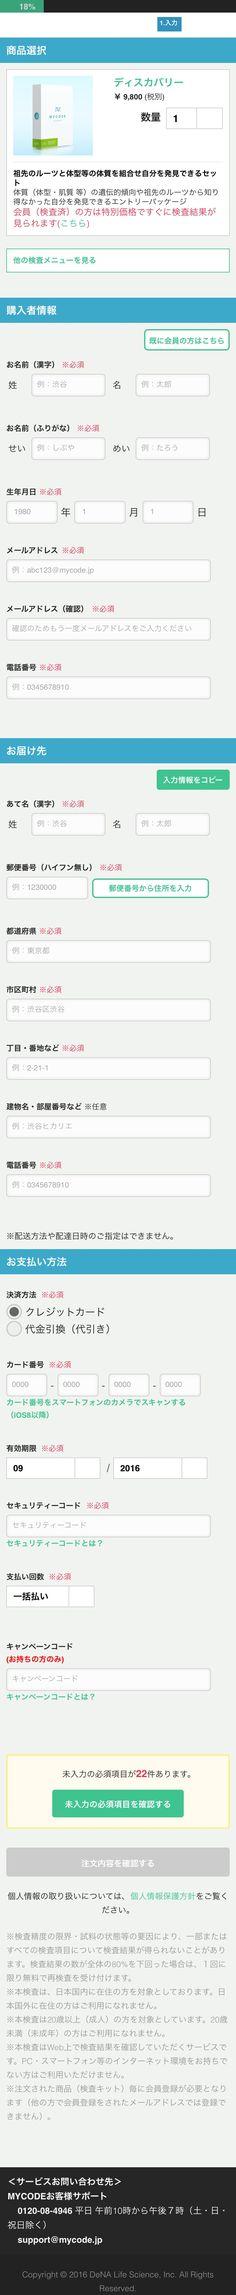 マイコード SP 申込フォーム